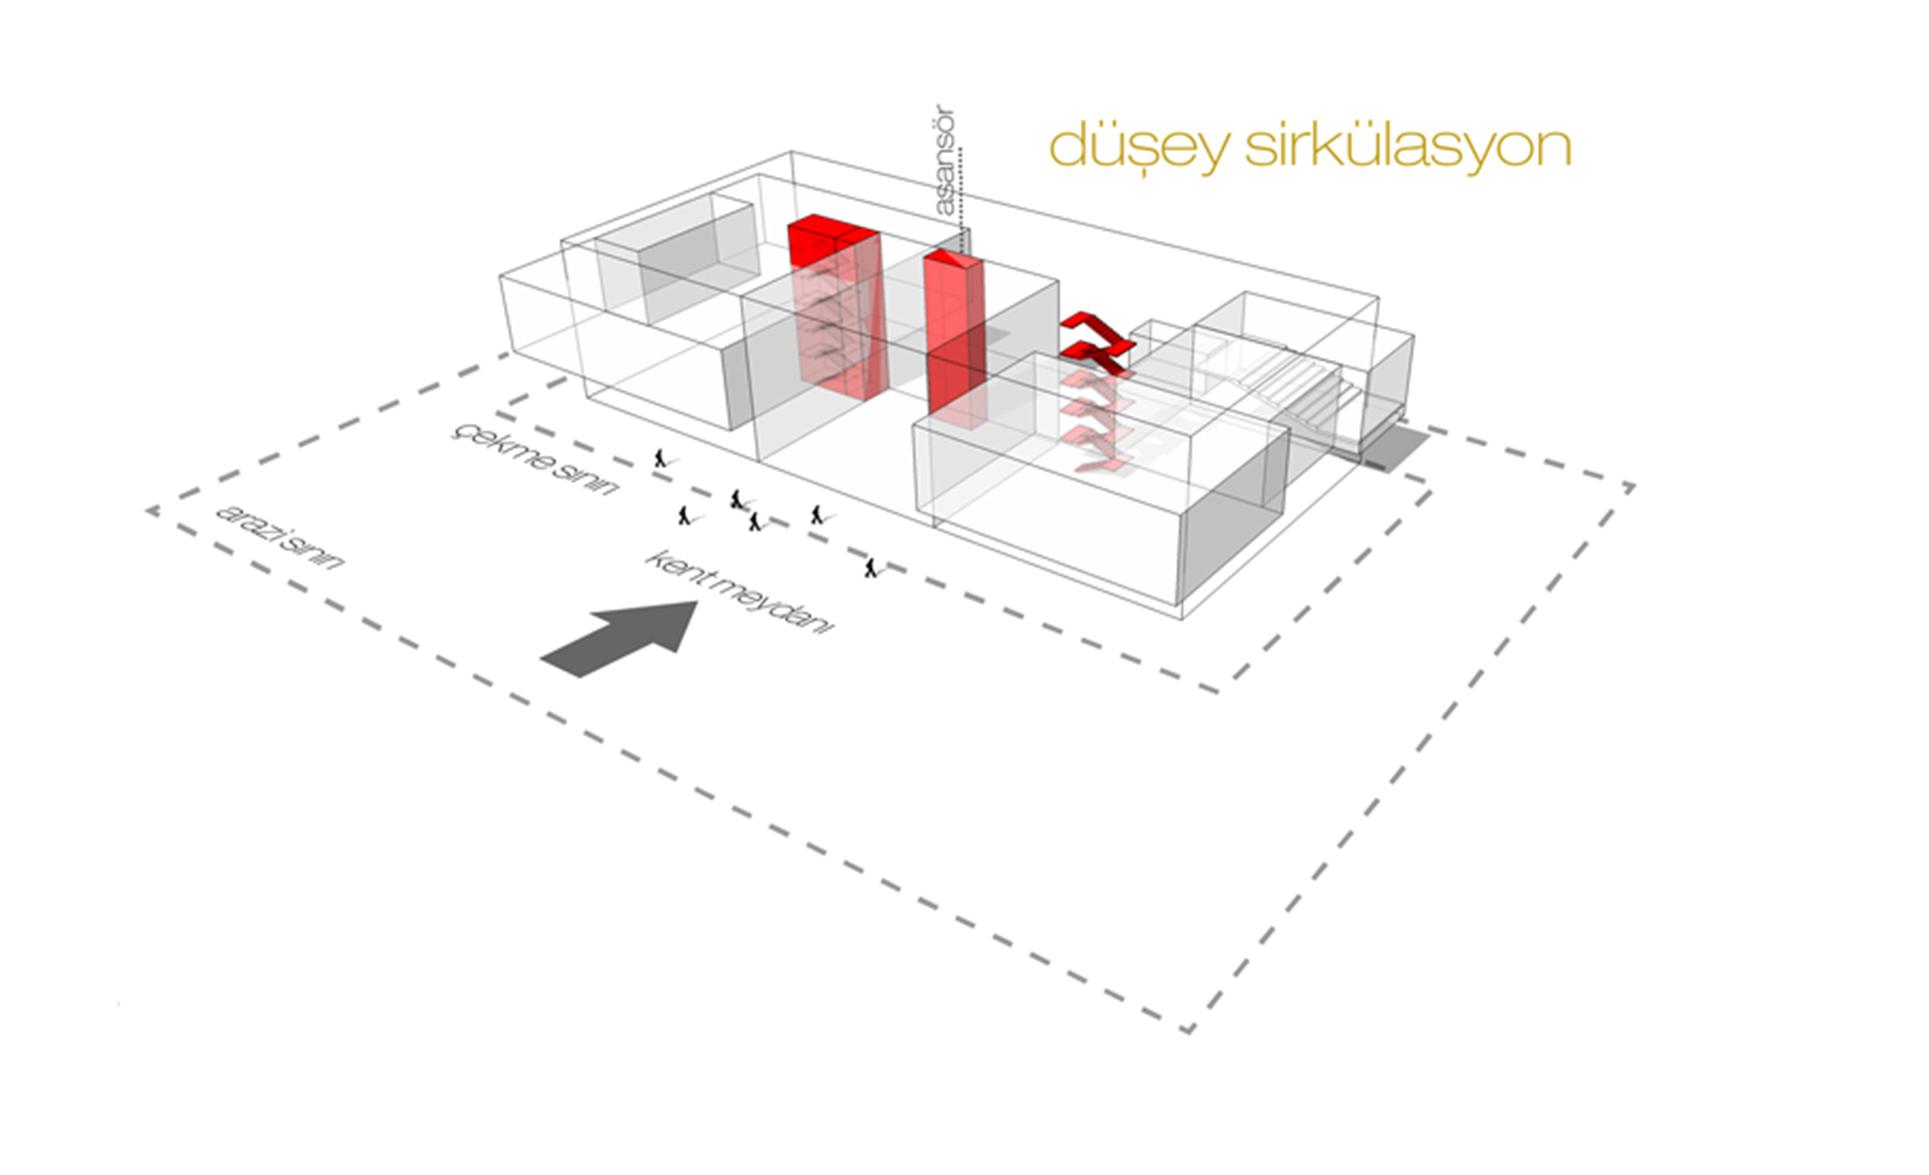 dodofis mimarlık ofis yapısı